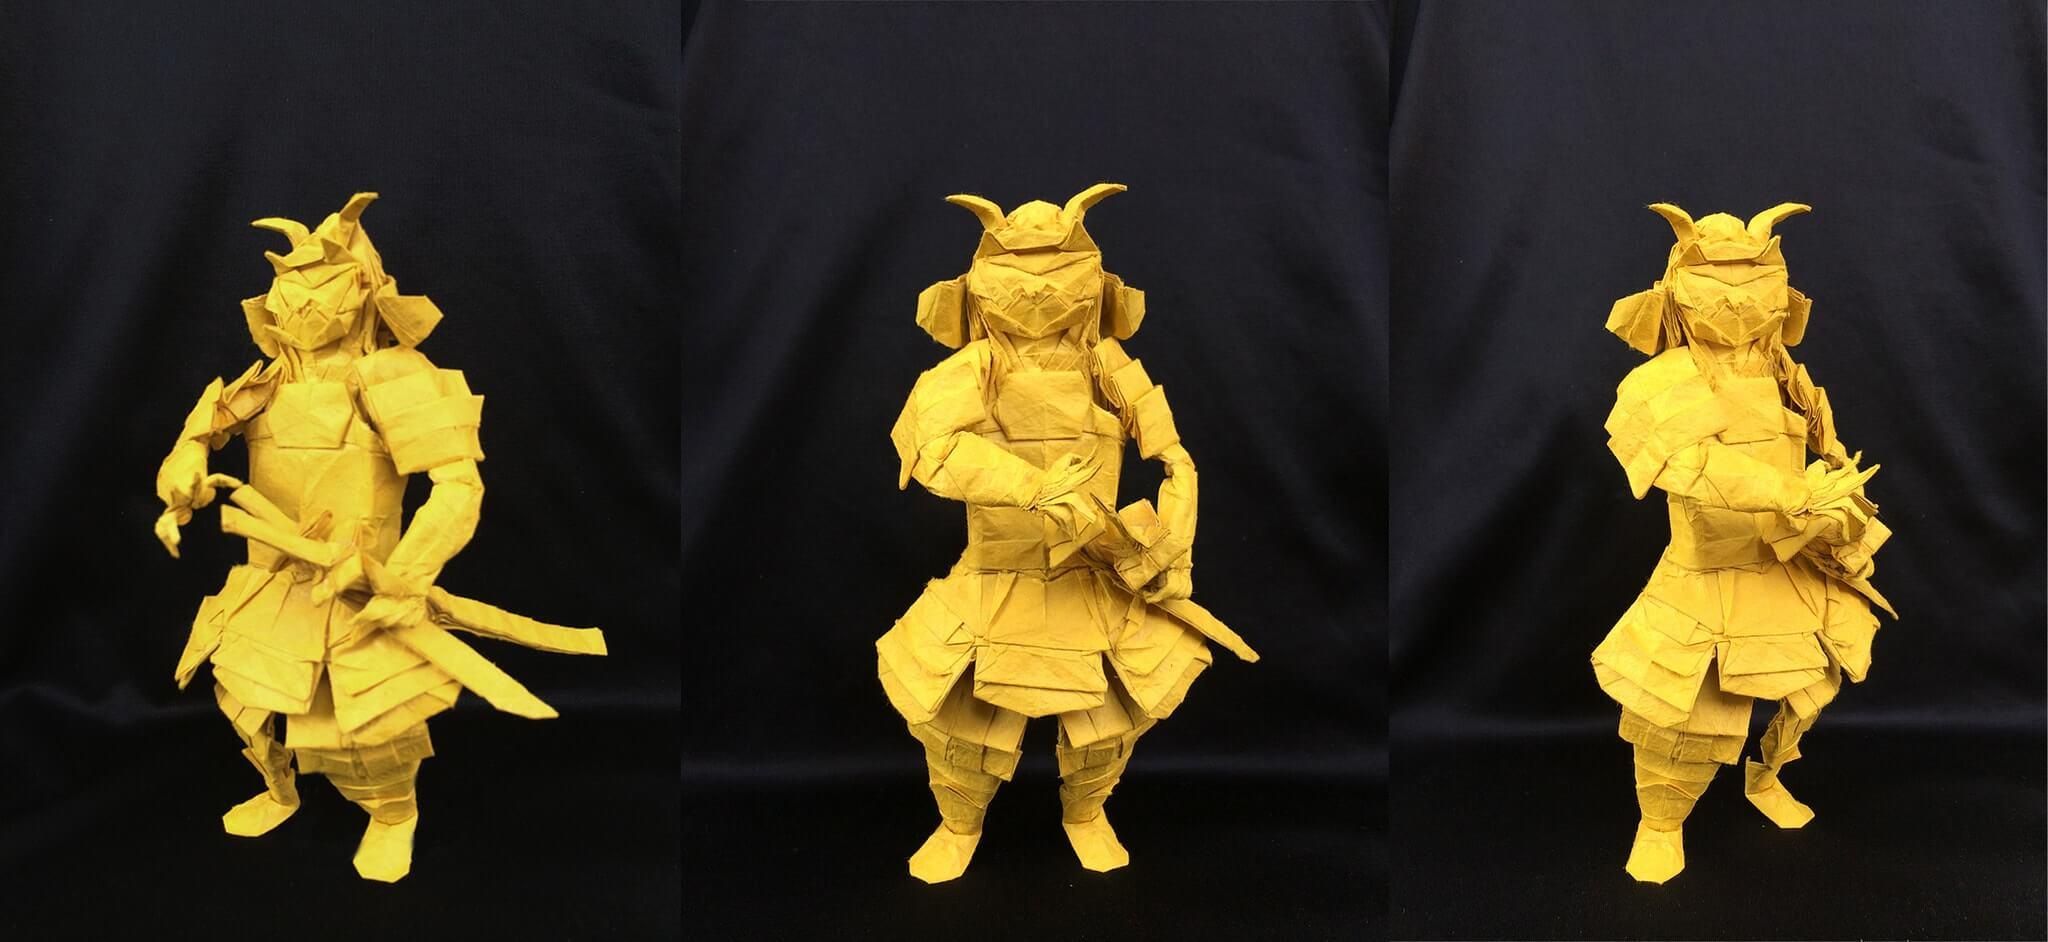 солдат-самурай, в полный экипировке, в желтом цвете